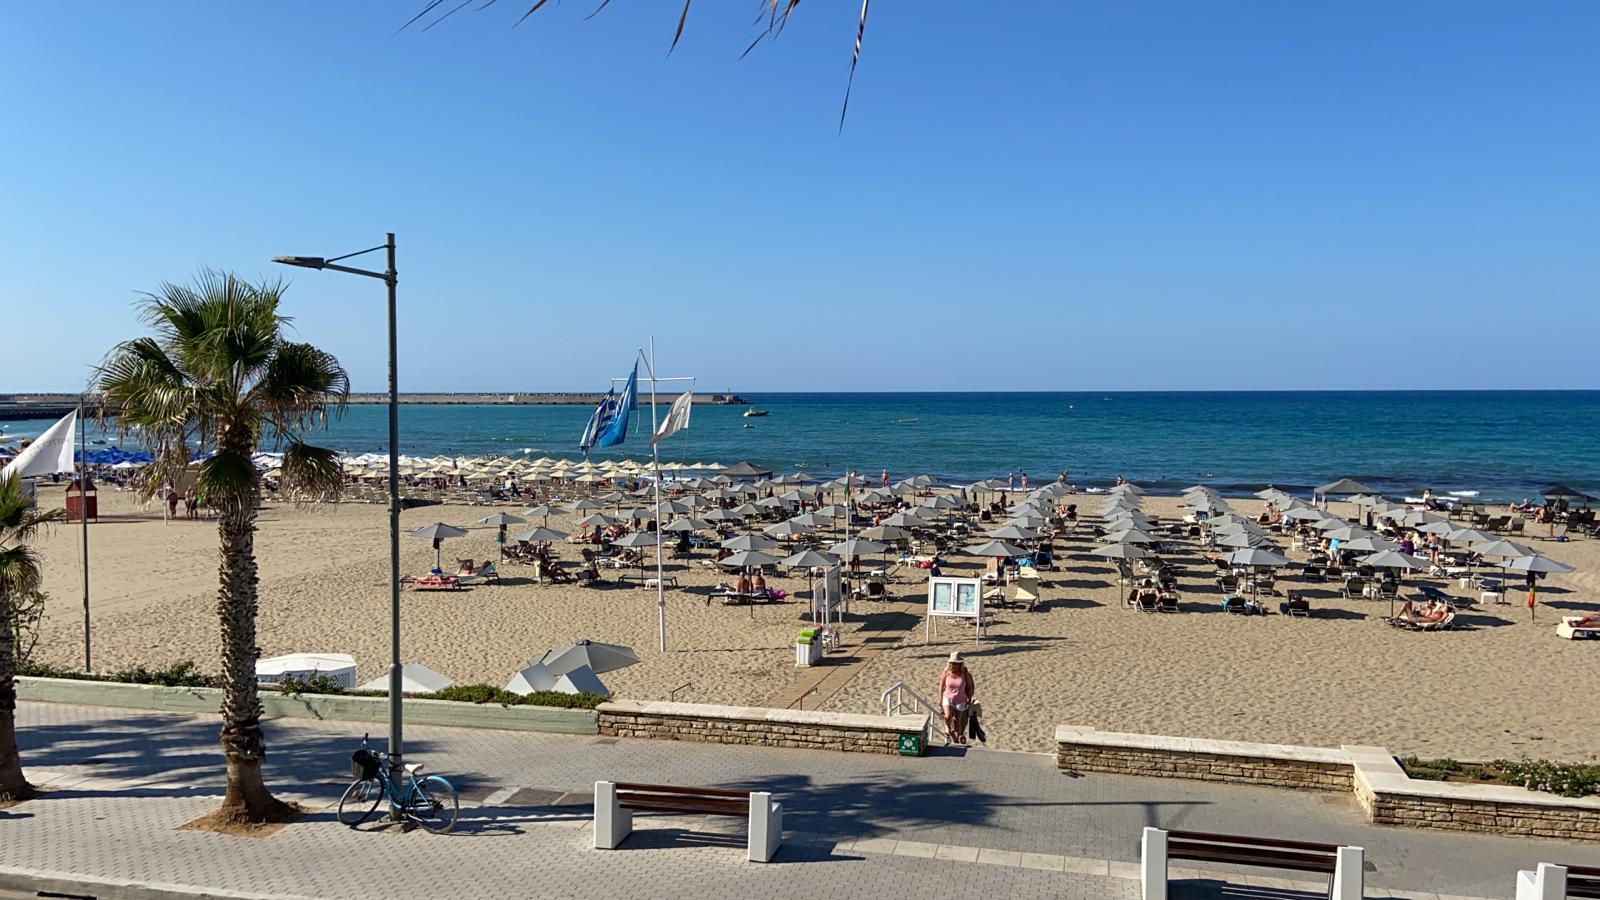 Het strand in Rethymnon, waar het drama zich voltrok.